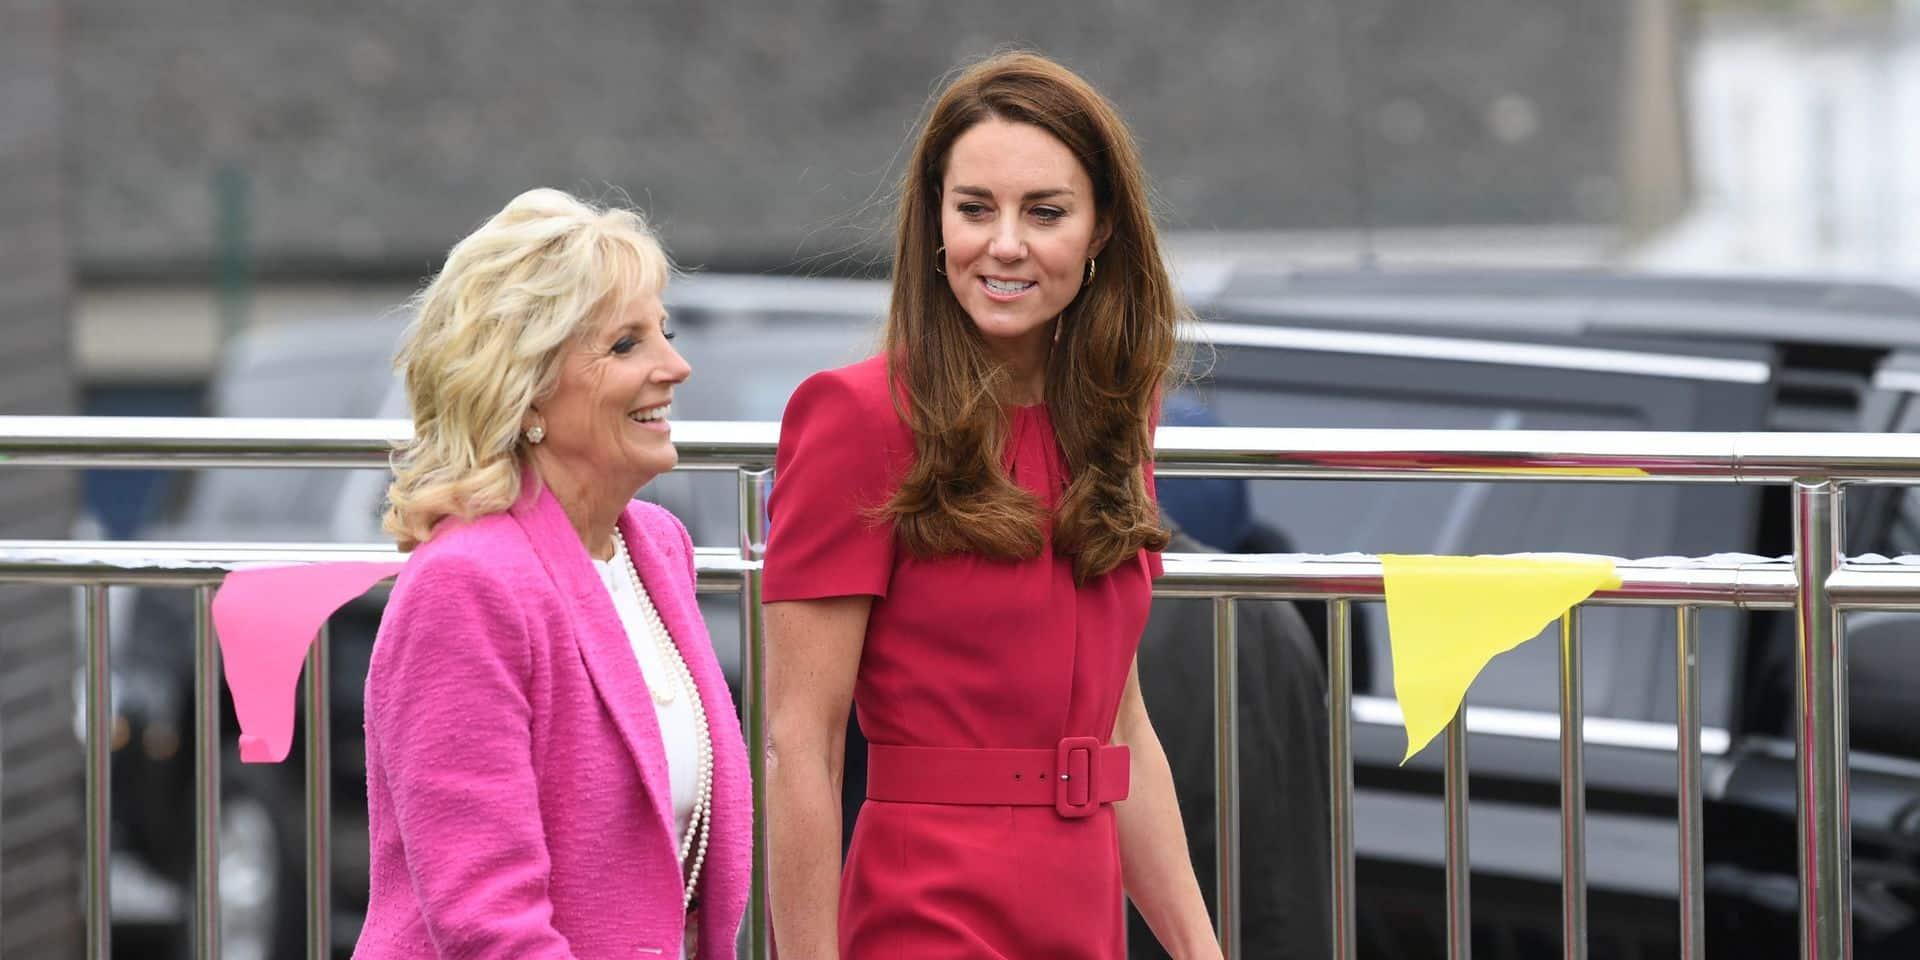 Duo de choc avec Kate Middleton, clin d'oeil ironique à Melania Trump... Jill Biden fait sensation au G7